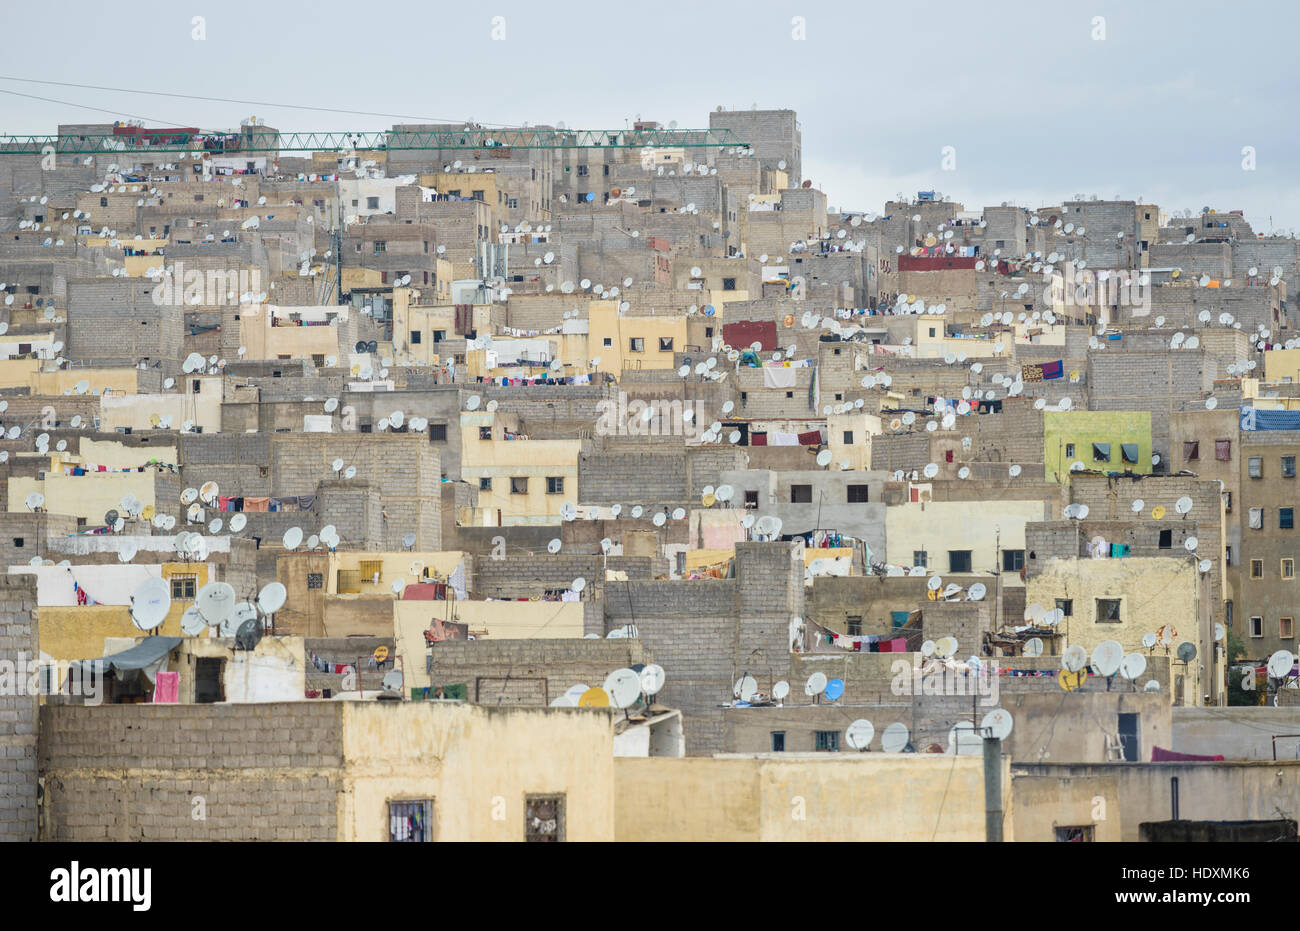 Antenne satellite madness, périphérie de fes, Maroc Photo Stock